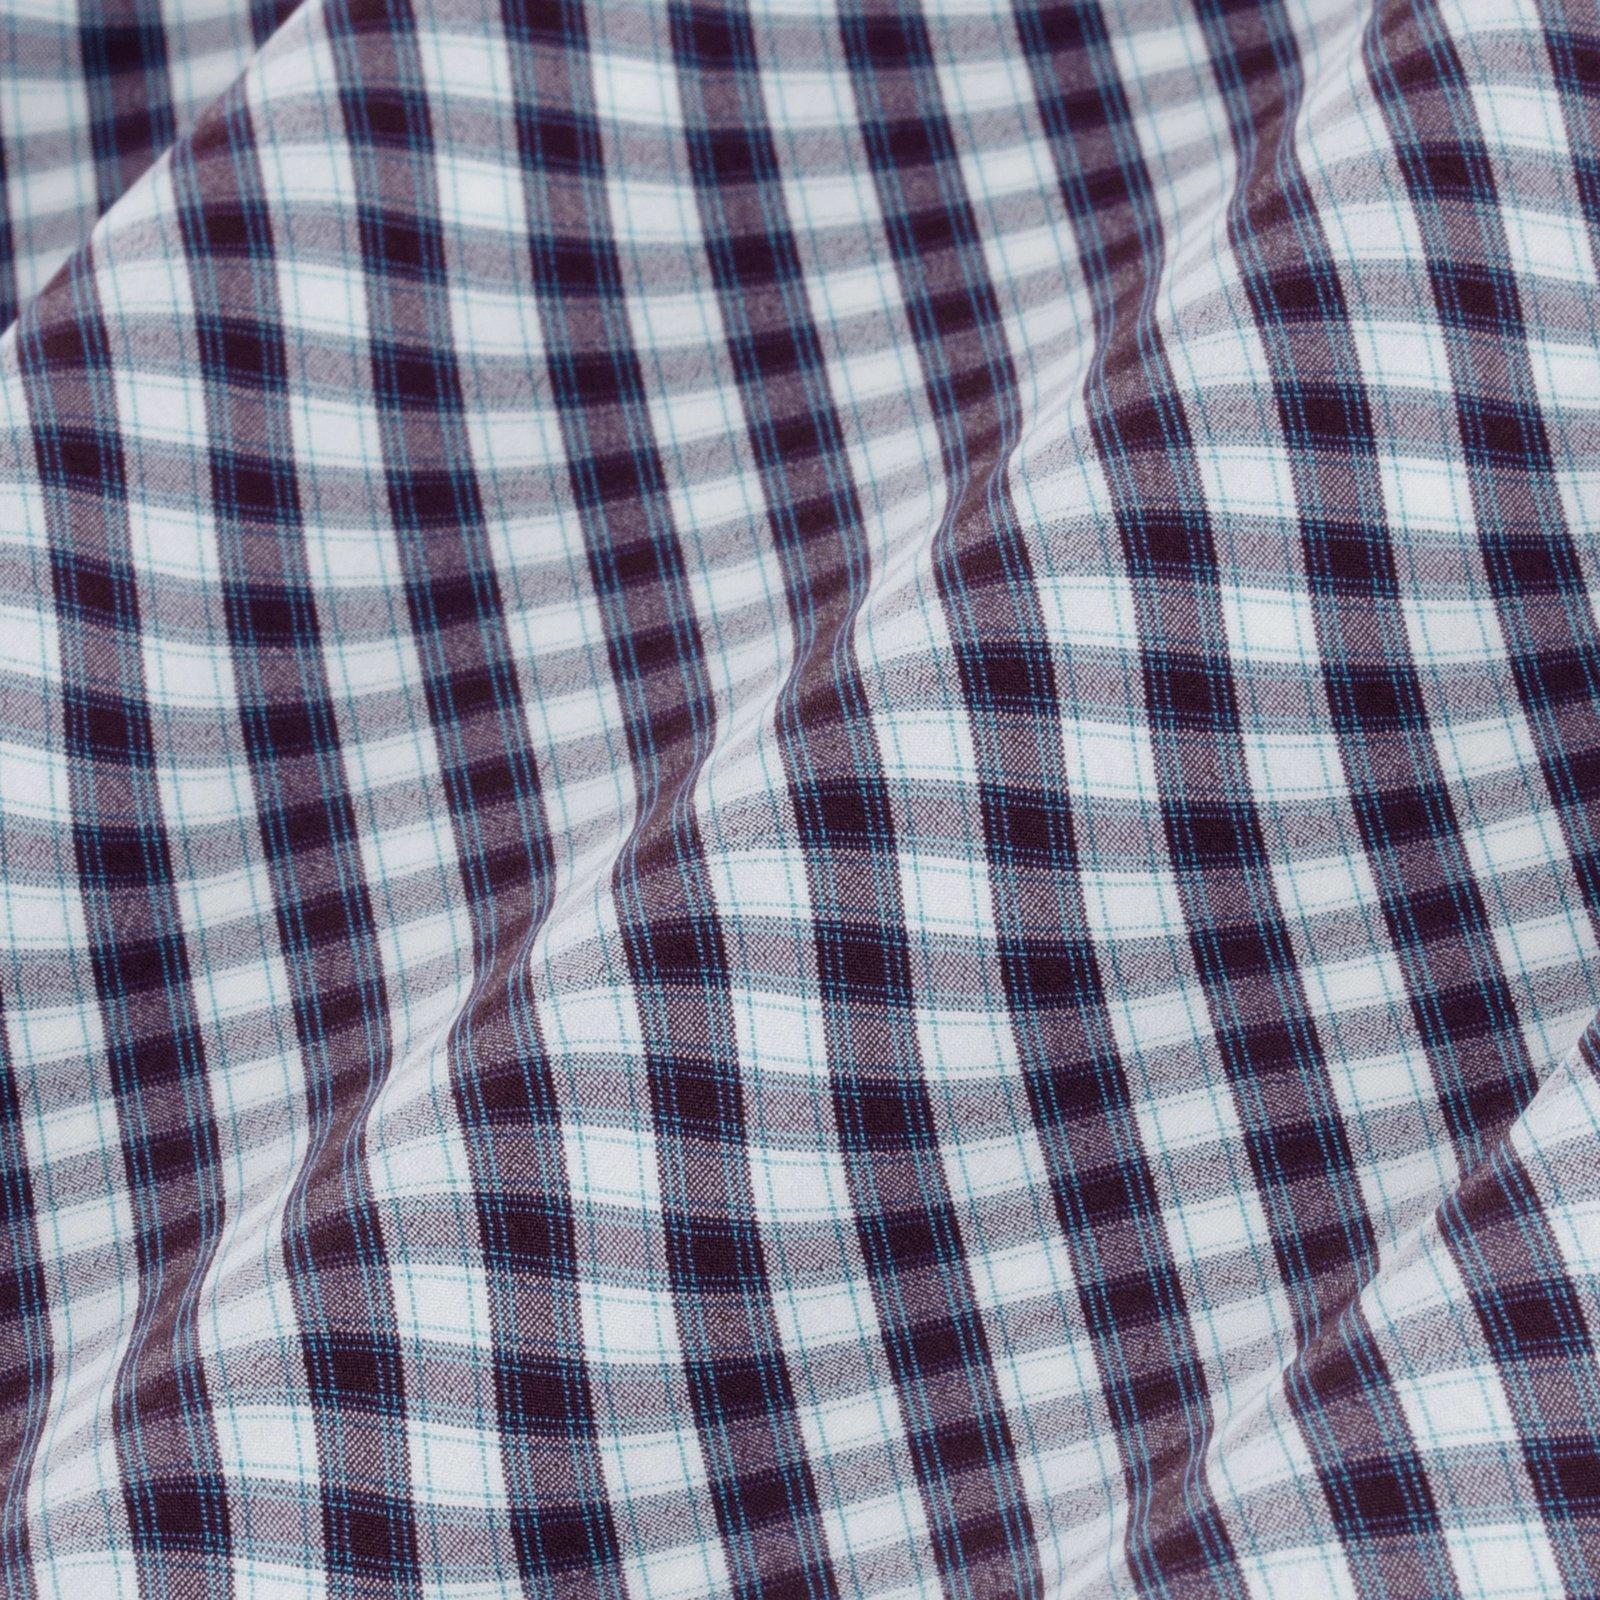 Mizzen and Main Leeward fabric